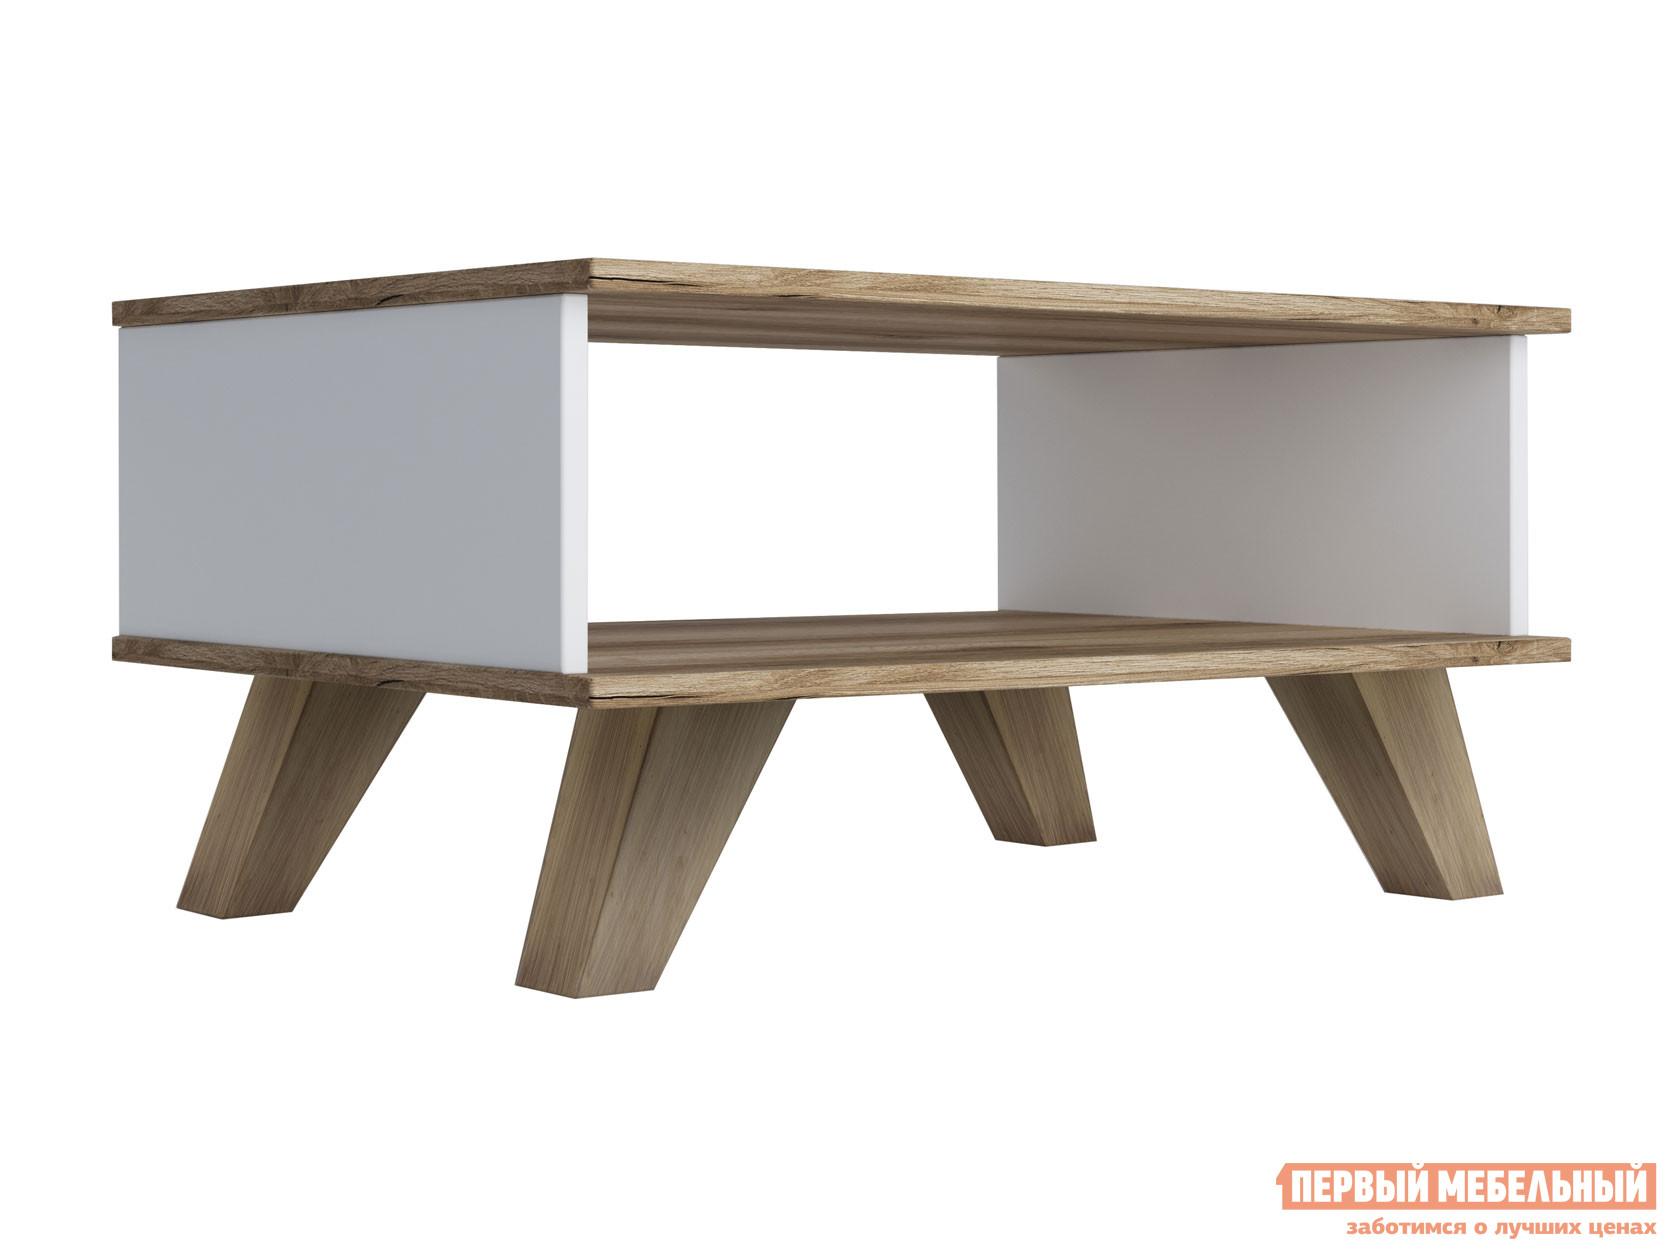 Журнальный столик Первый Мебельный Стол журнальный Вега Скандинавия